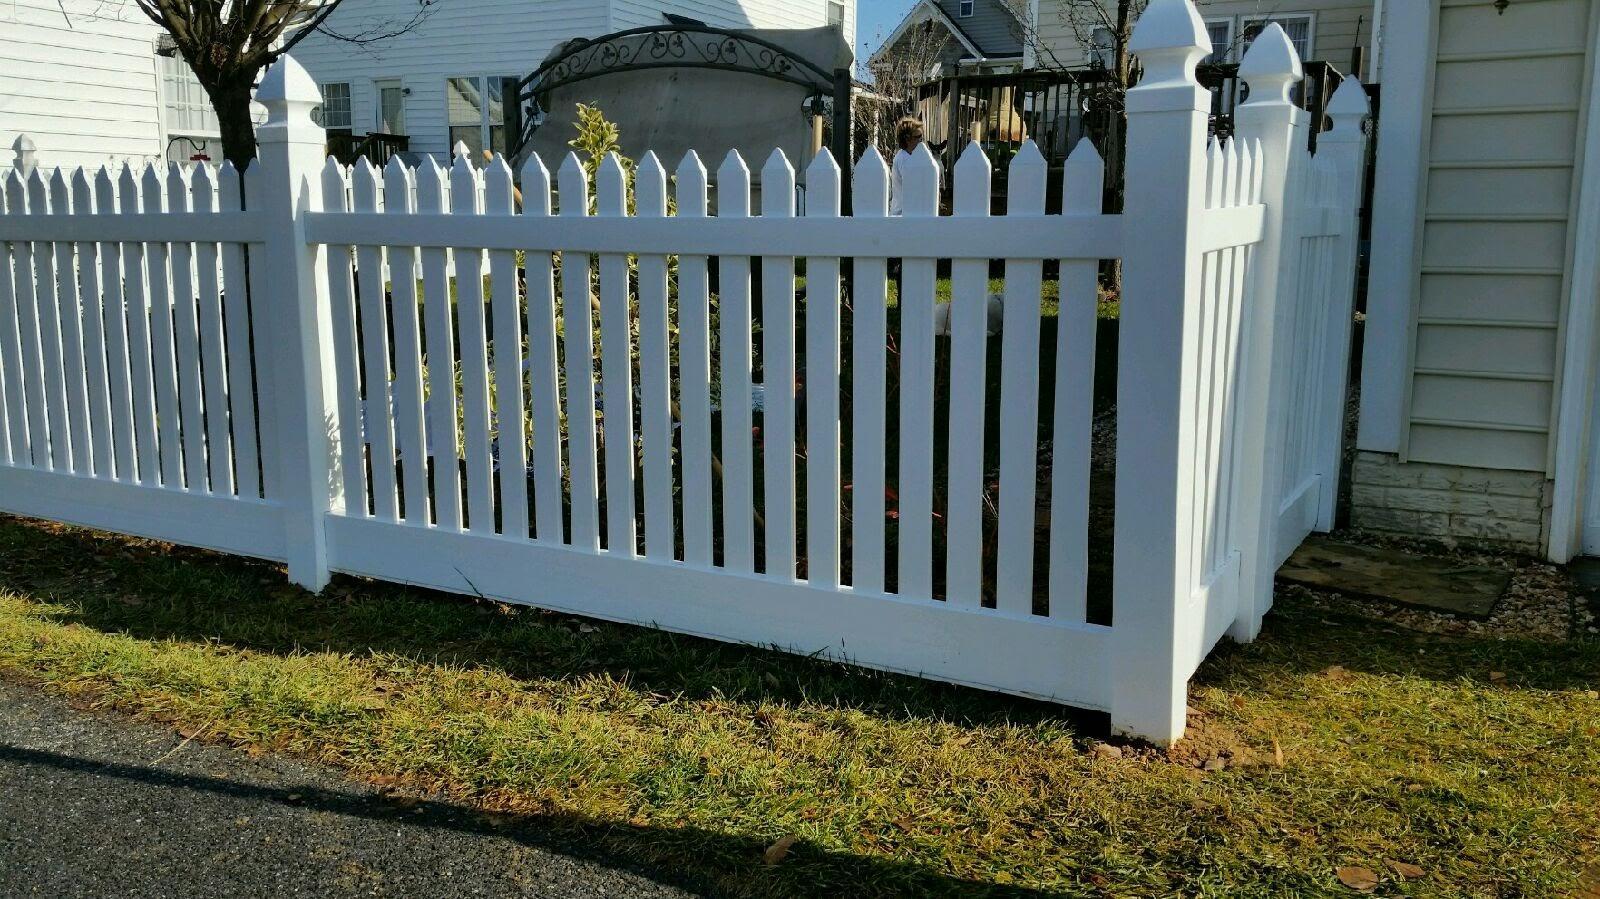 Vinyl Privacy Fence installation in  Dunn Loring, VA